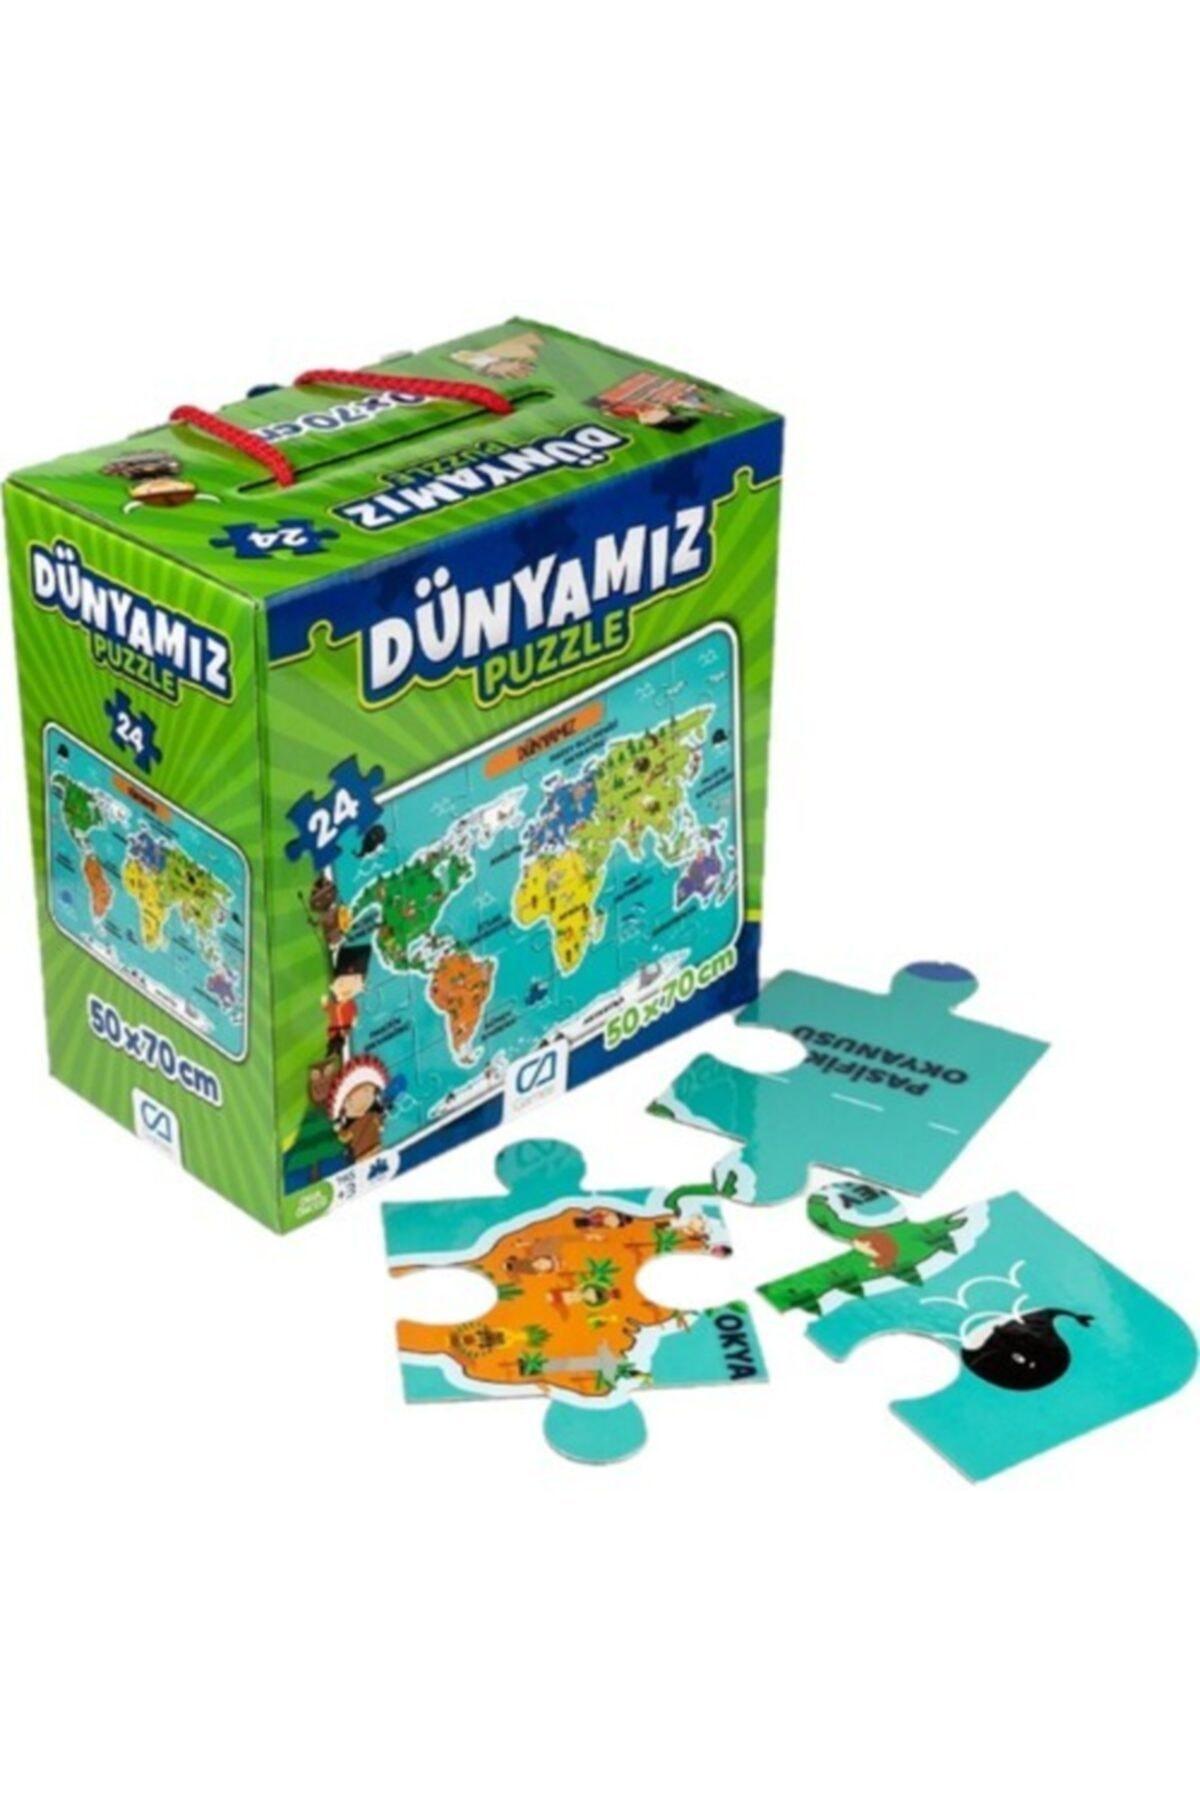 CA Games 4'lü Süper Yer Puzzle Seti(Türkiye-dünyamız-gezegenler-alfabe) 2